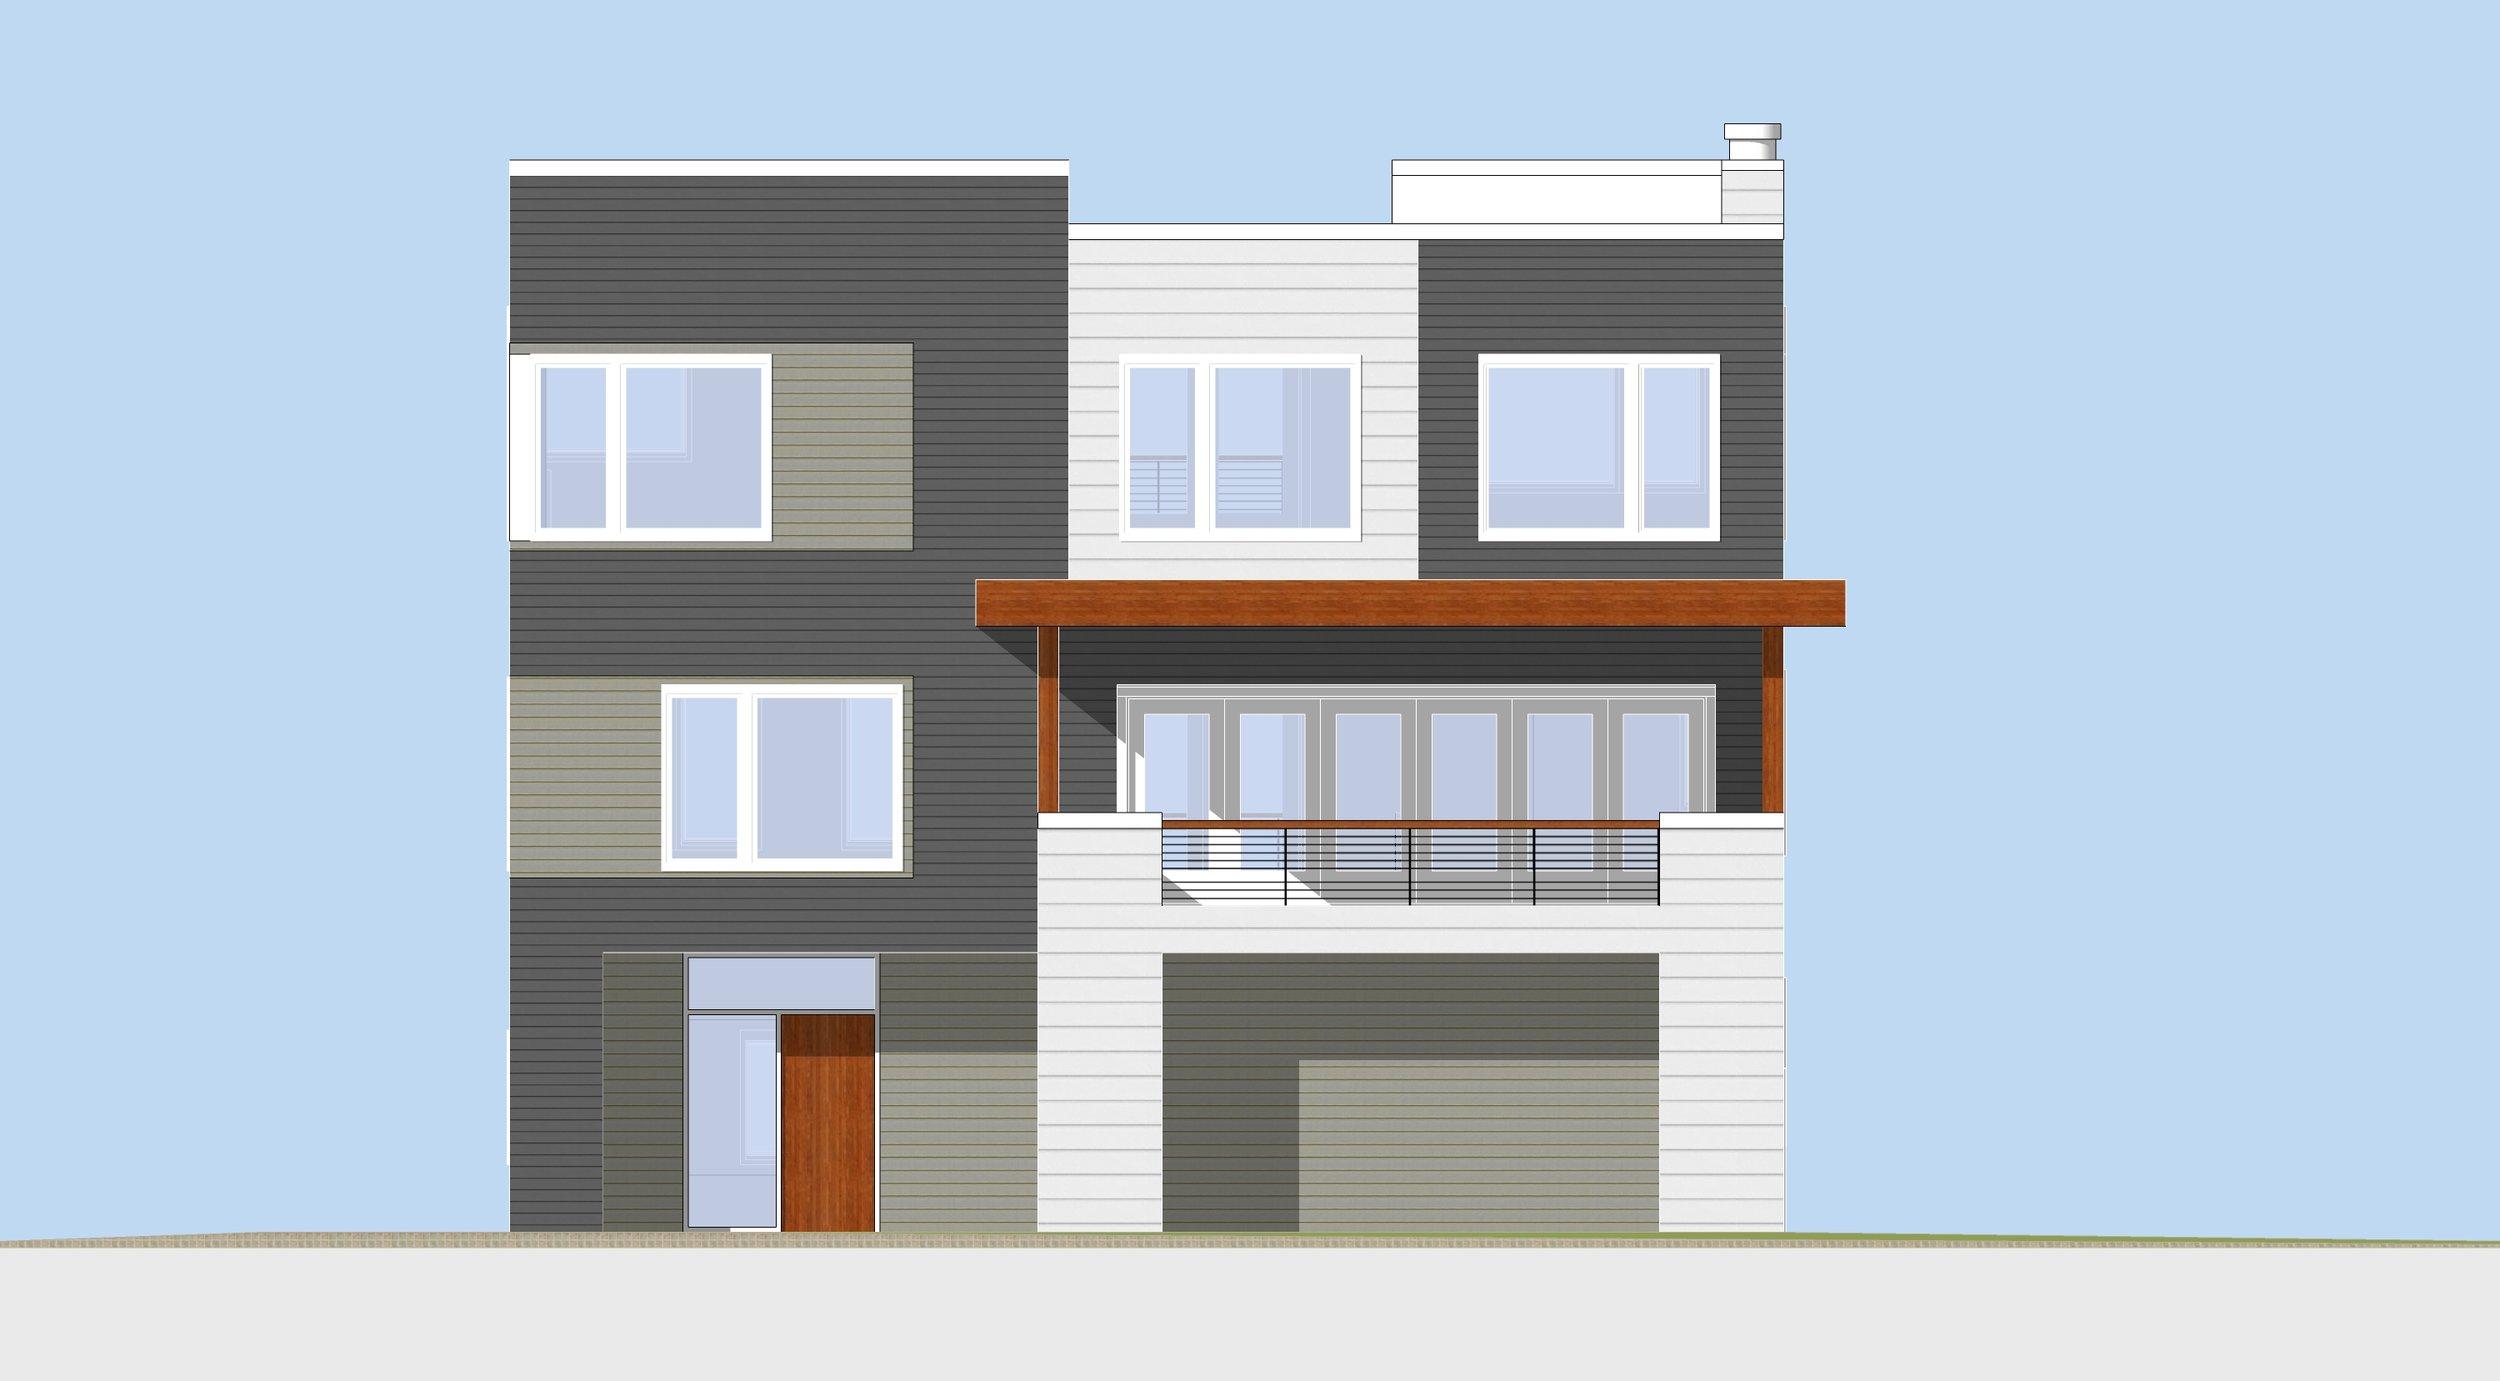 sedel residence-front elev.jpg